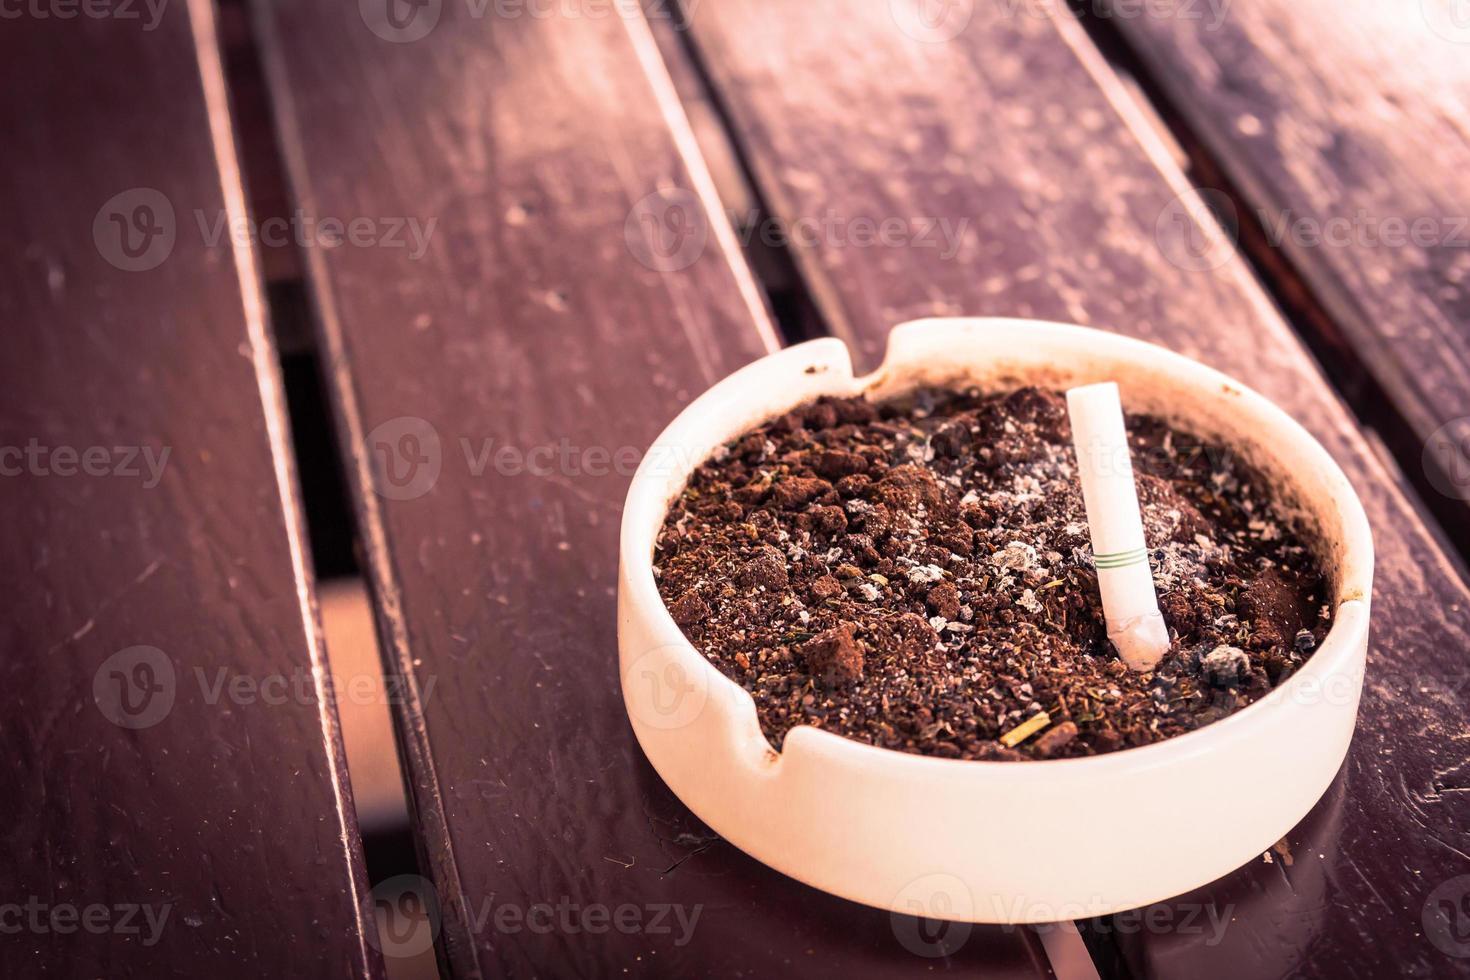 sigarettenafval foto